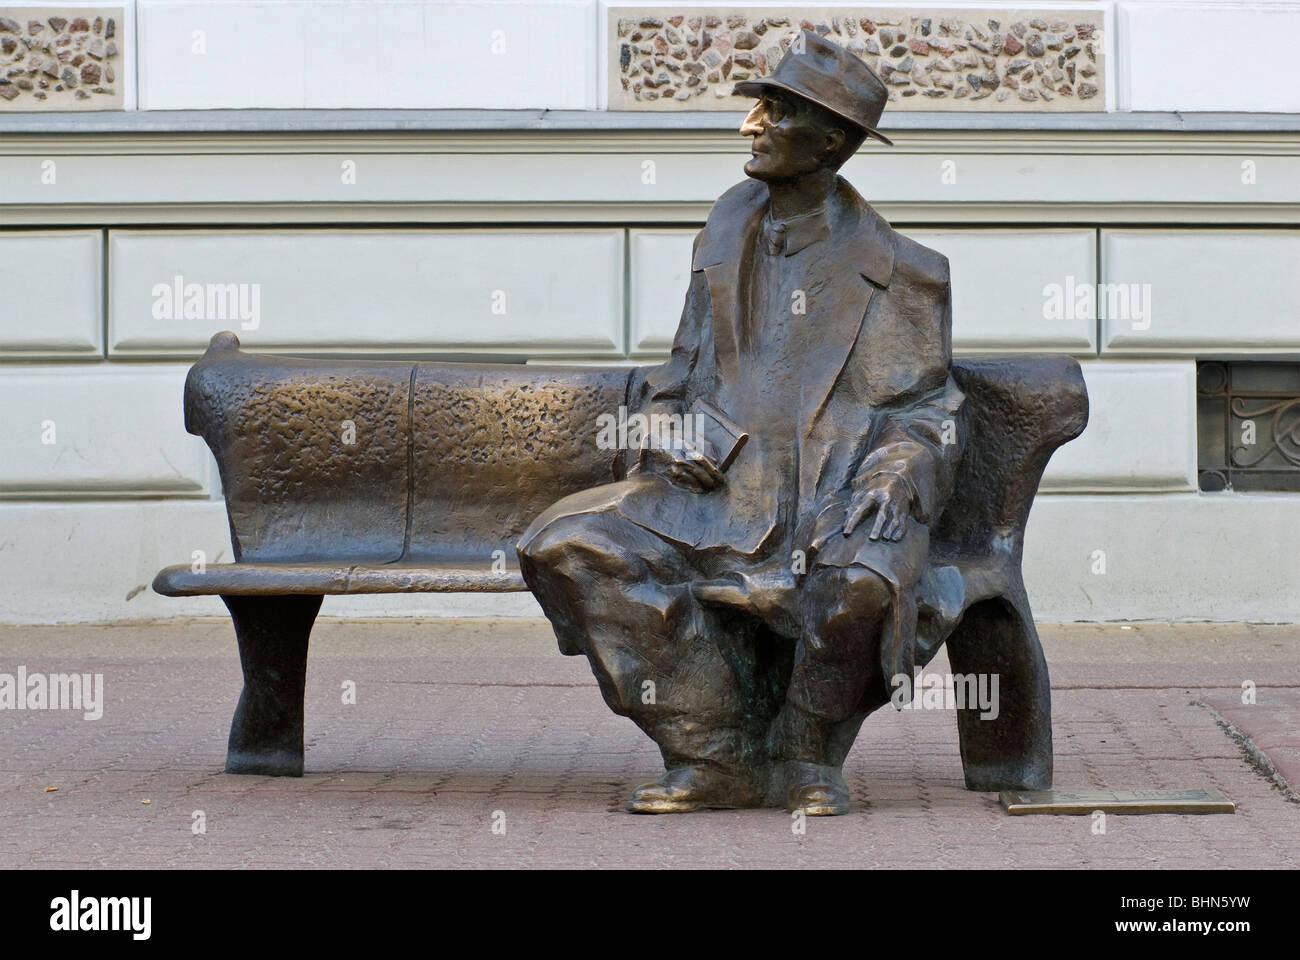 Poet Julian Tuwim, a Polish Jew, statue at Piotrkowska Street in Łódź, Łódzkie, Poland - Stock Image